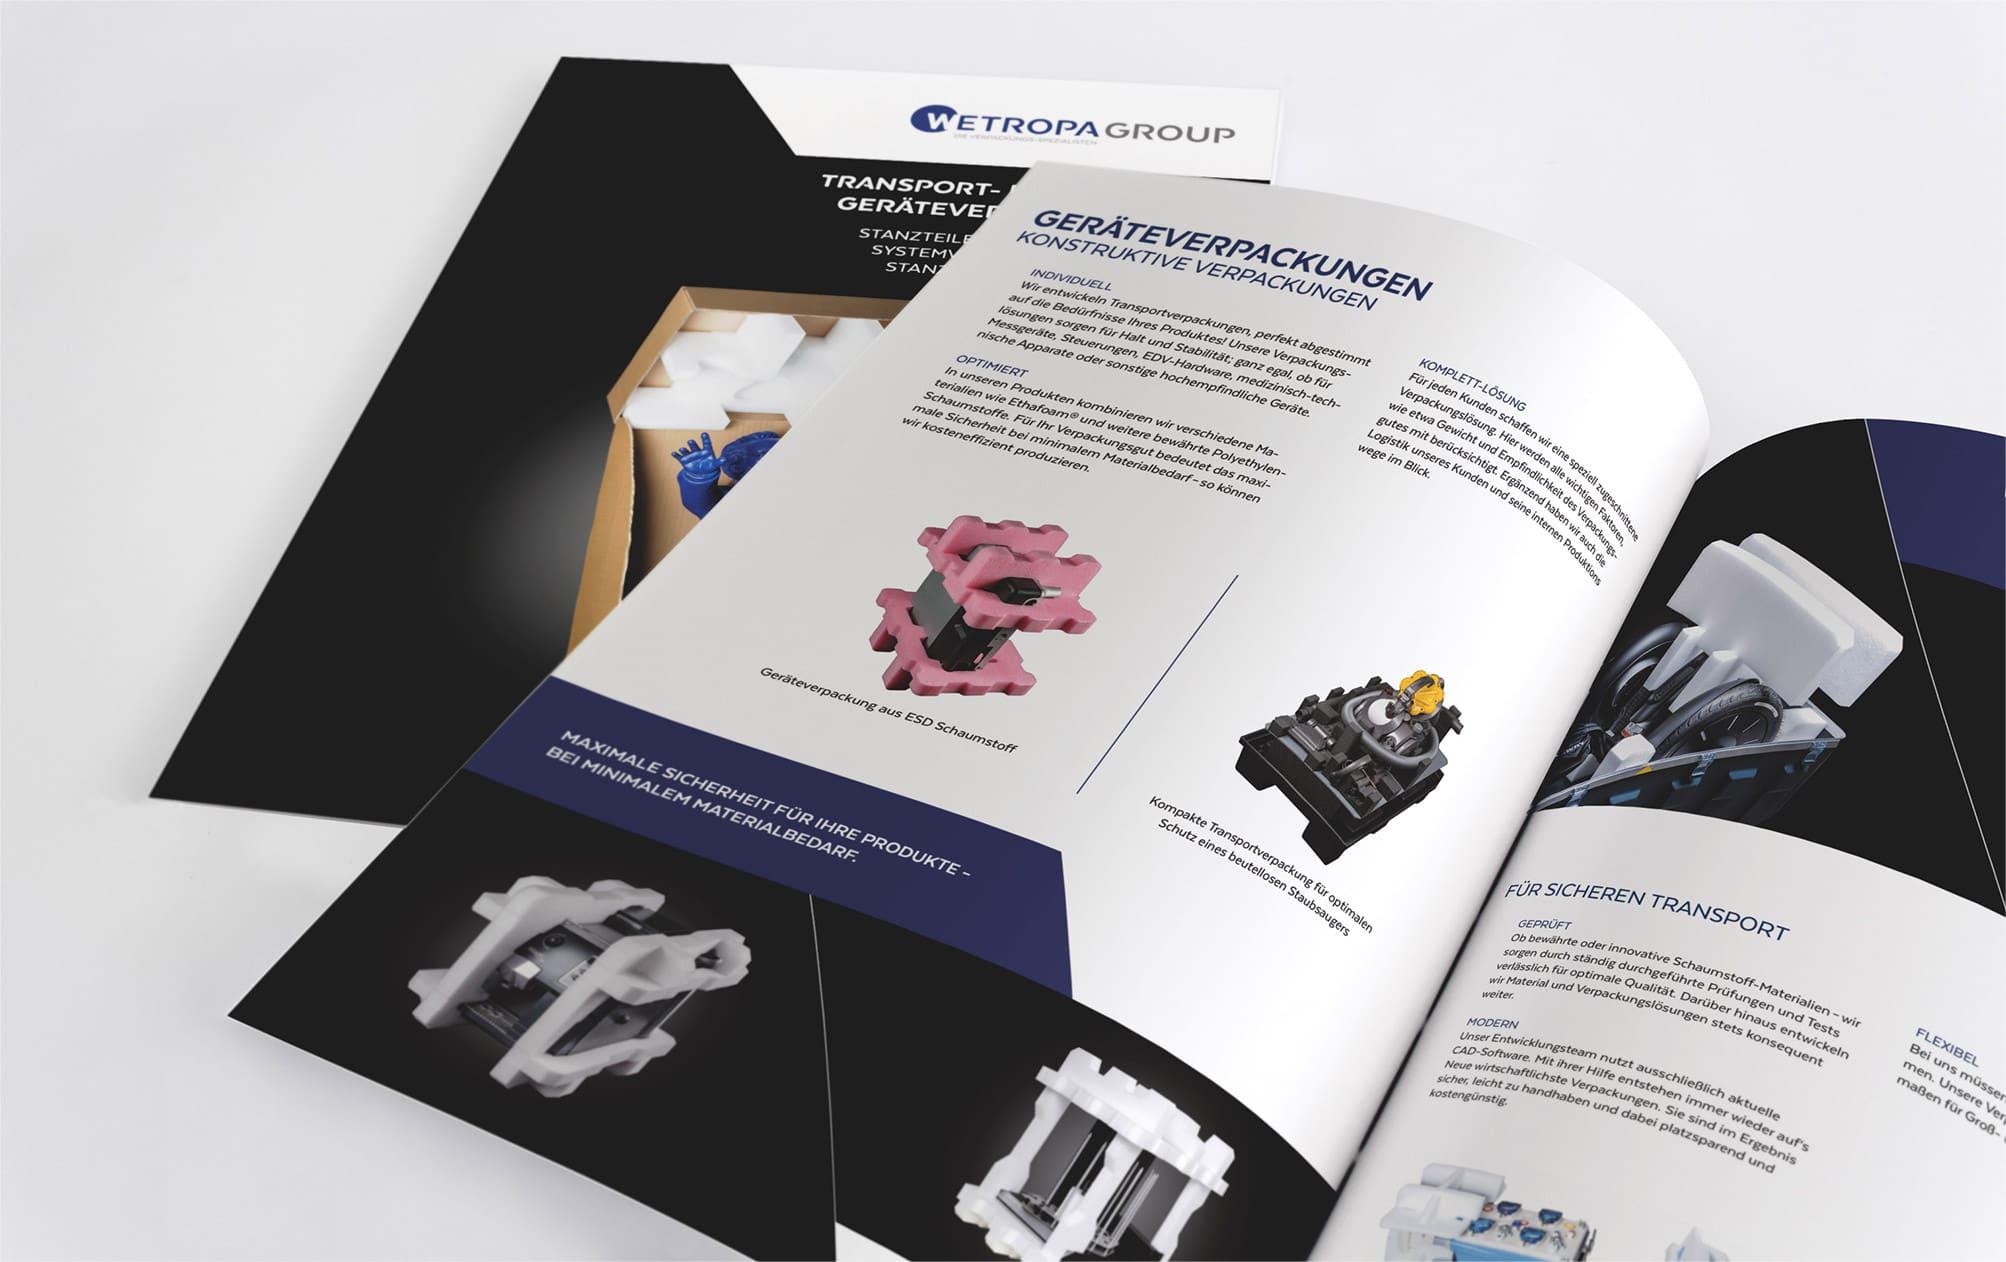 360vier_referenz_wetropa_09-2x Wetropa Kunststoffverarbeitung GmbH & Co. KG